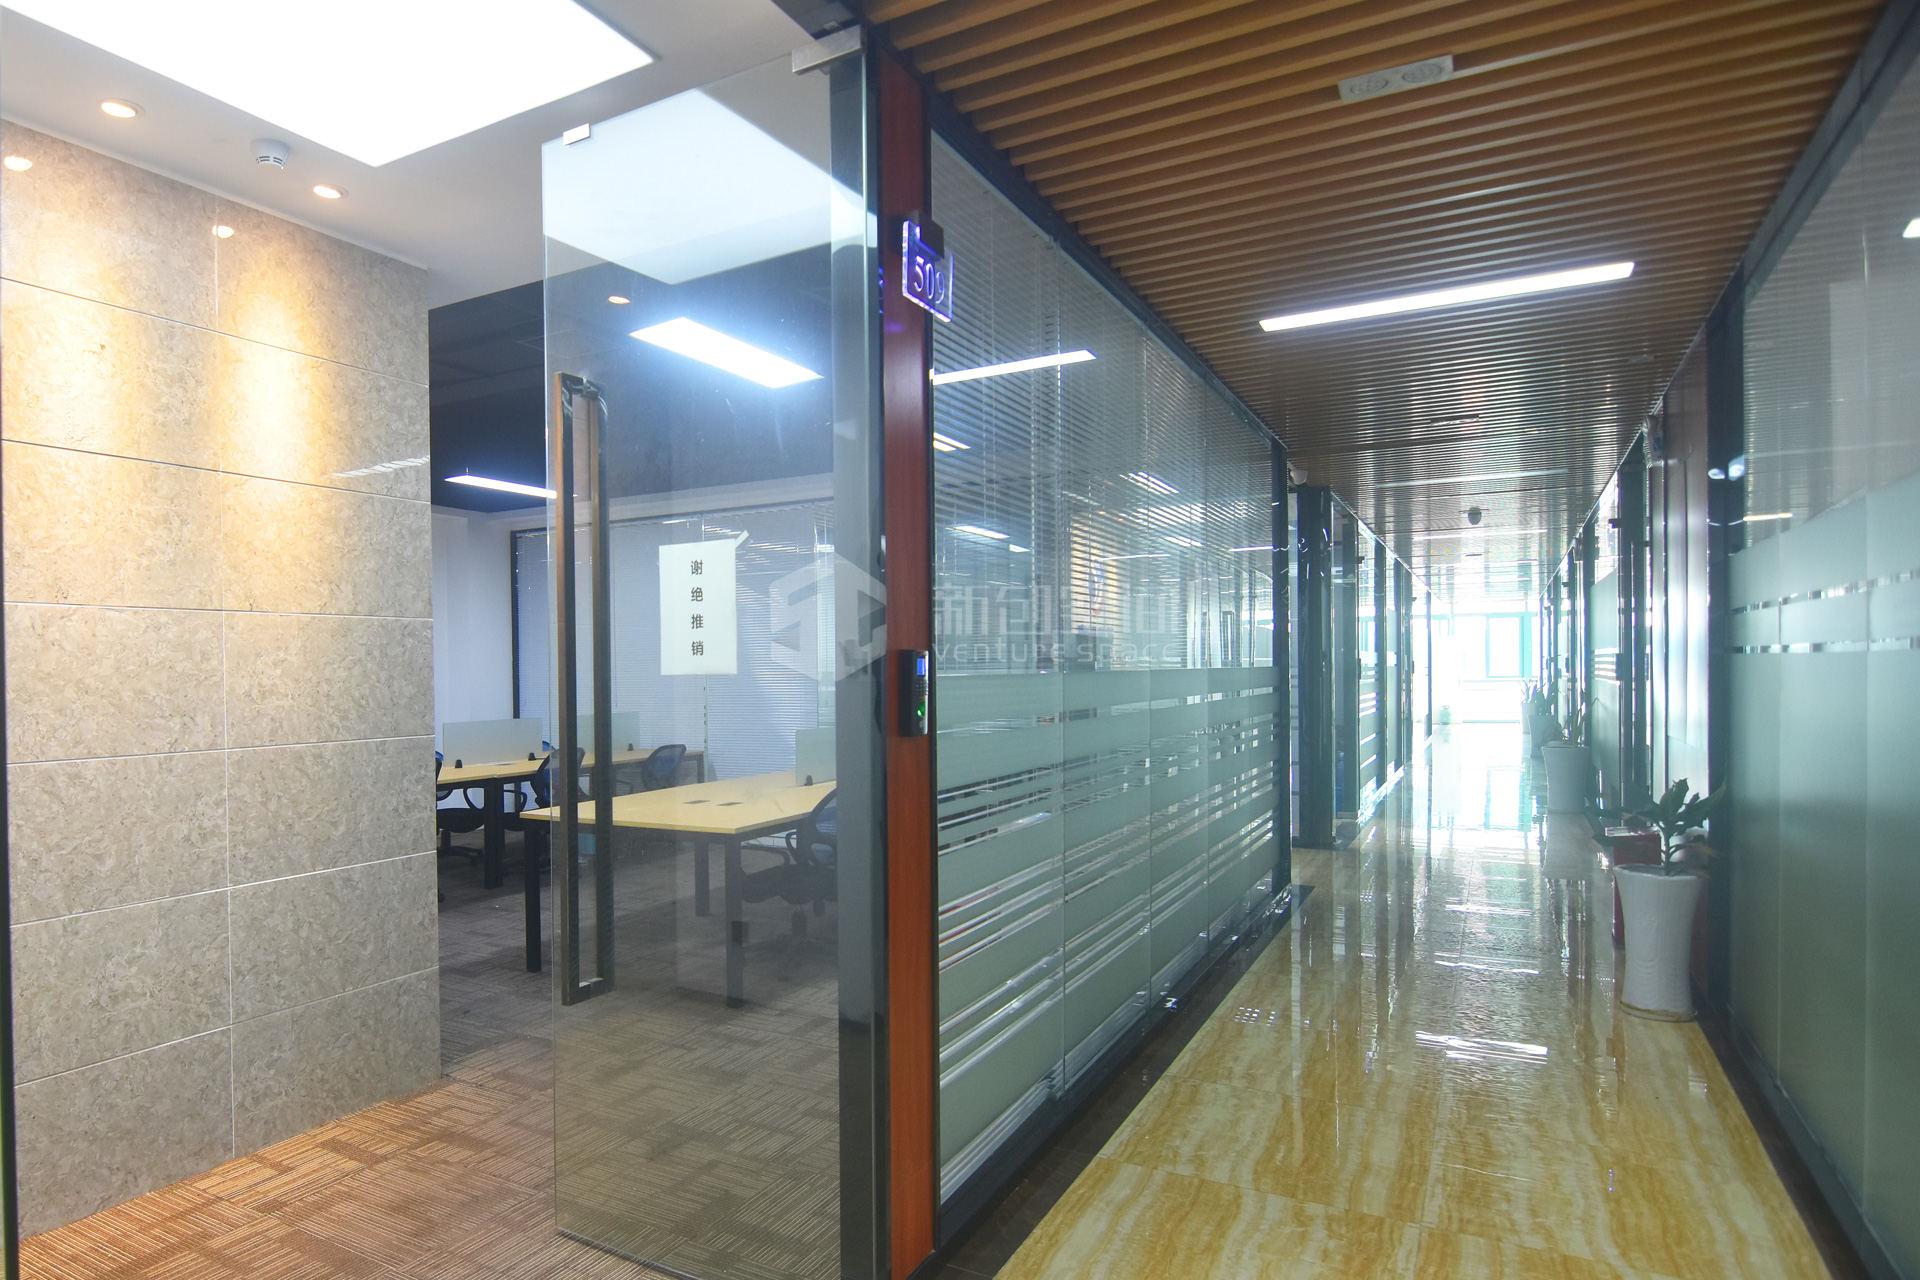 147m²·深圳虚拟大学园